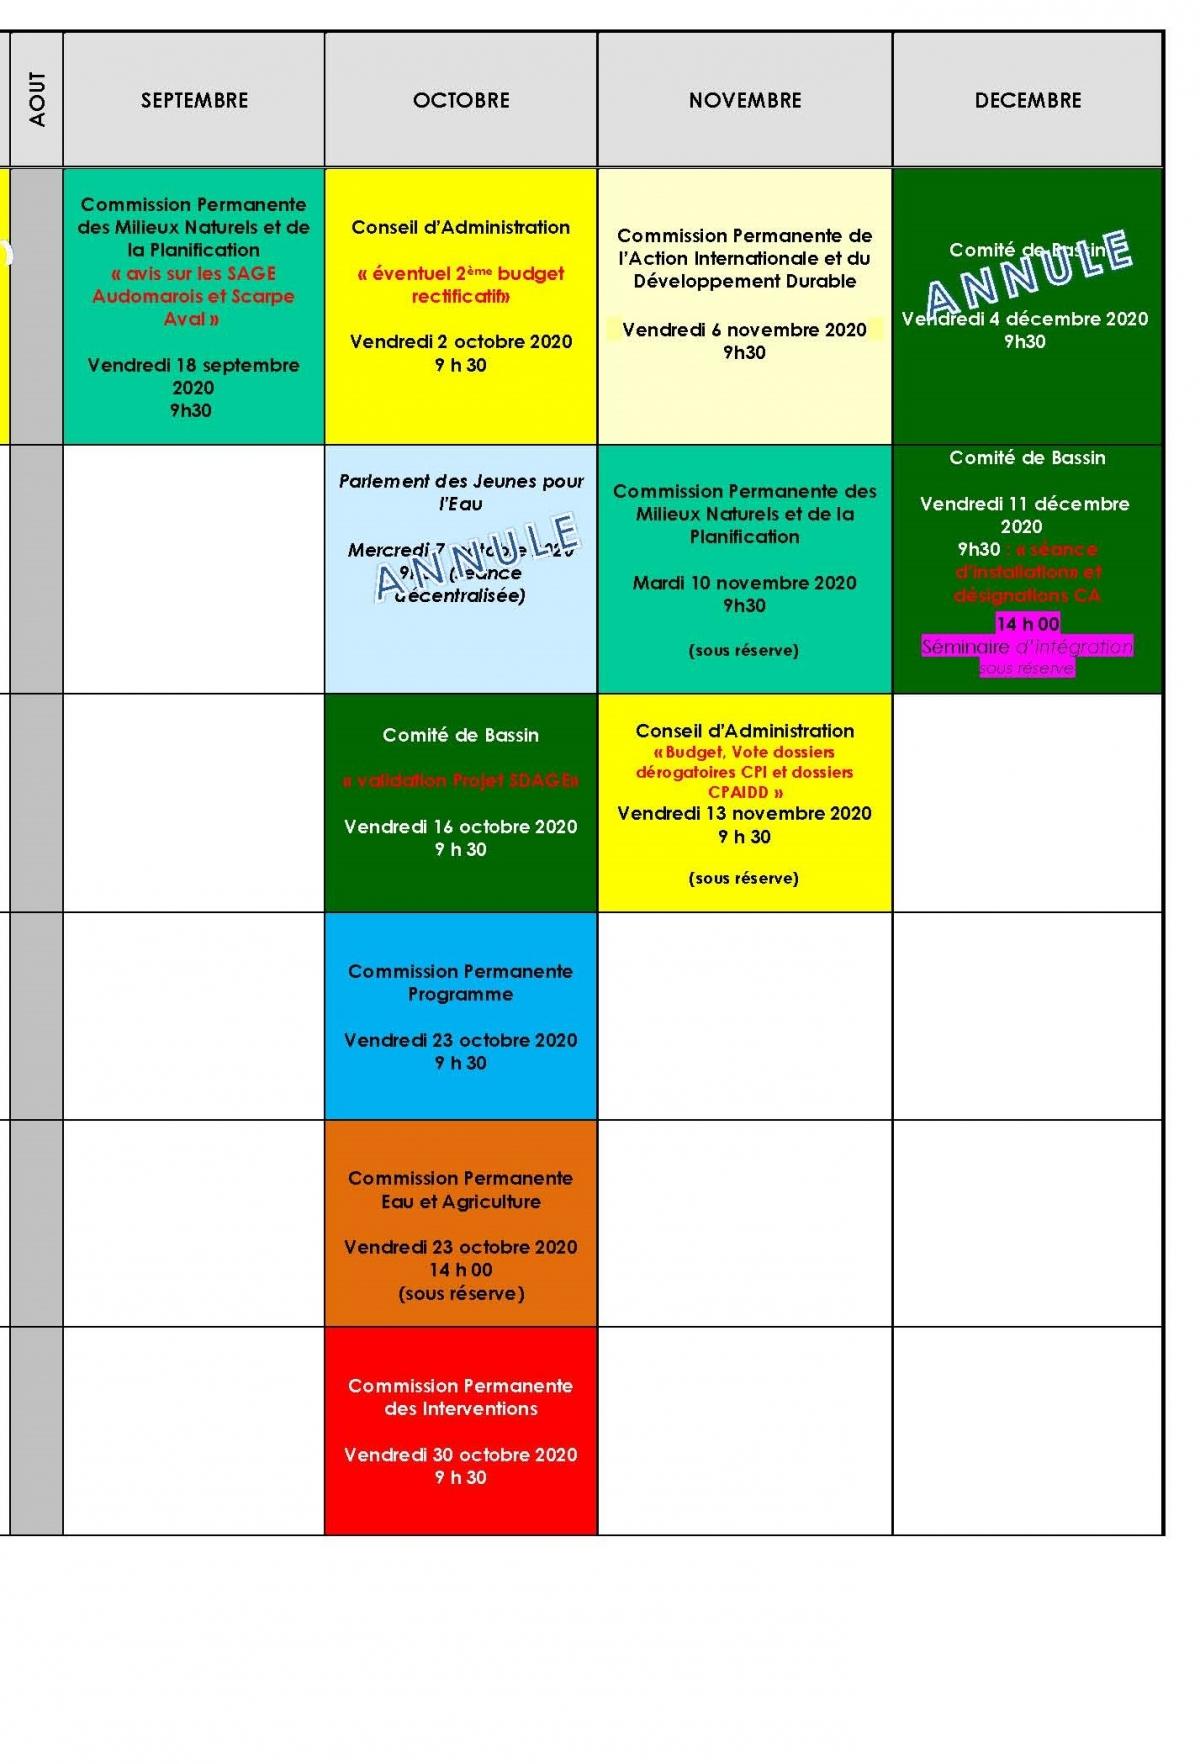 calendrier_des_instances_de_bassin_2020_juin_2020_2semestre.jpg